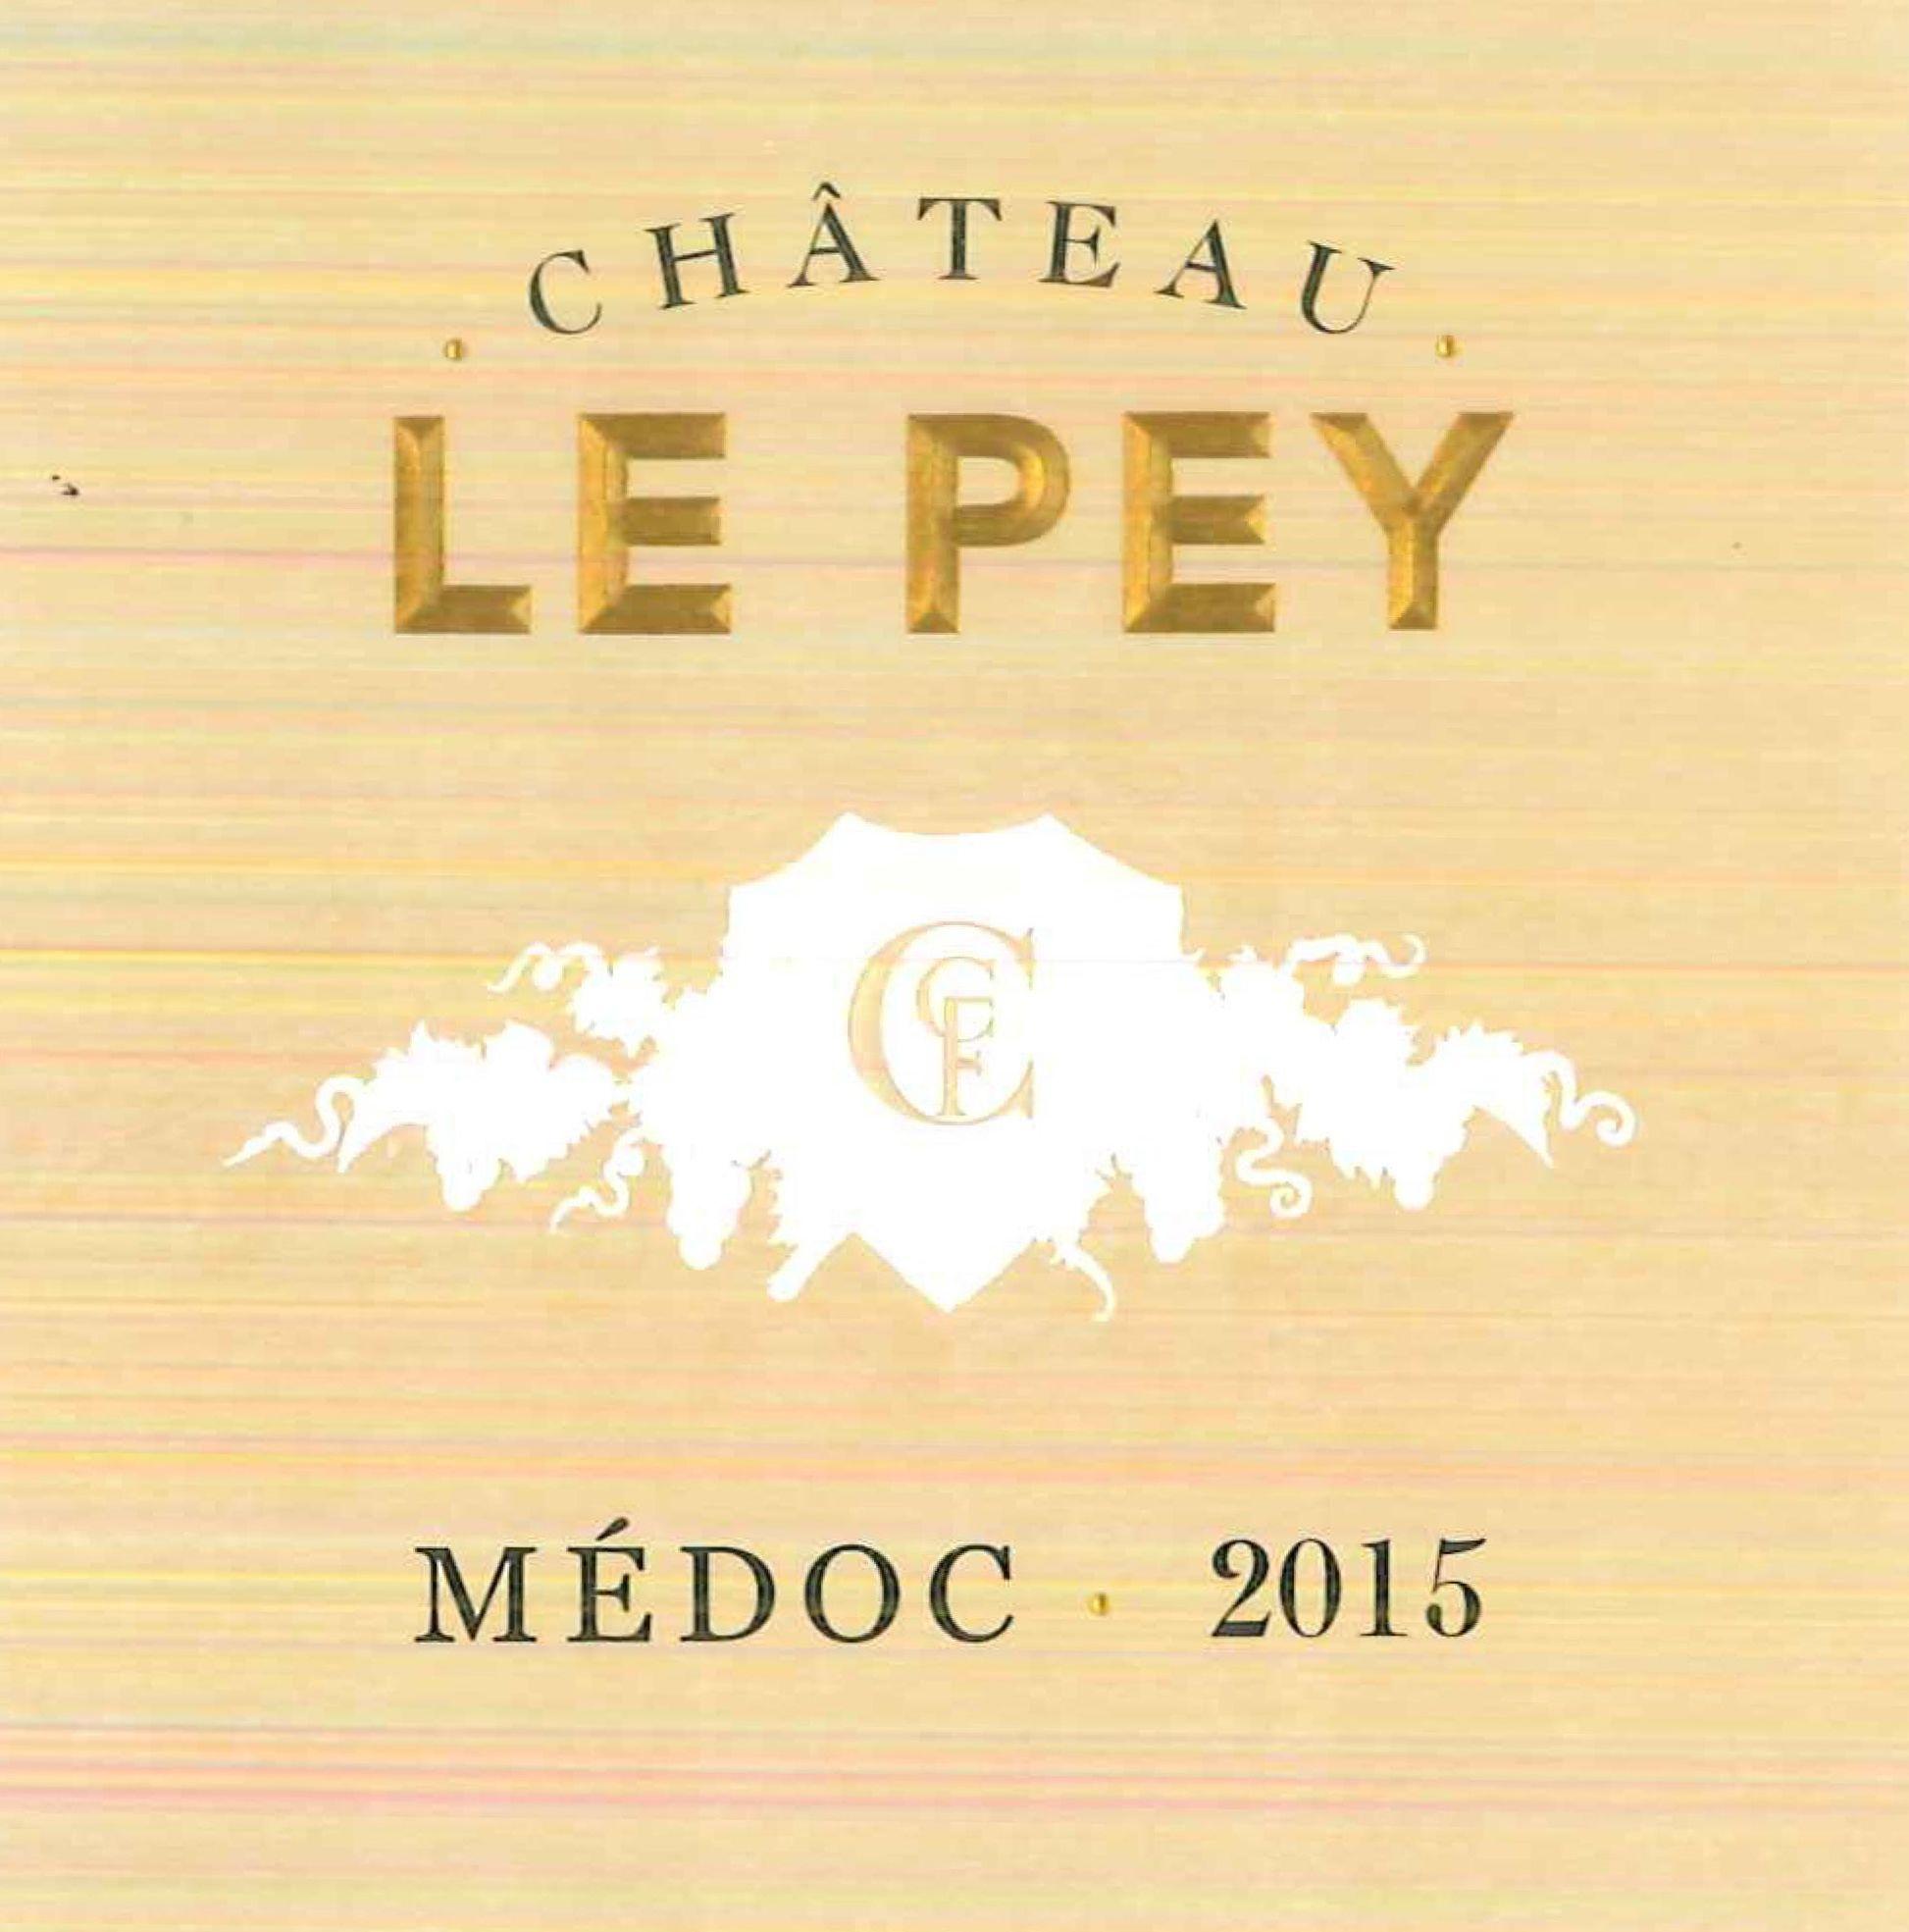 Chateau Le Pey 2015